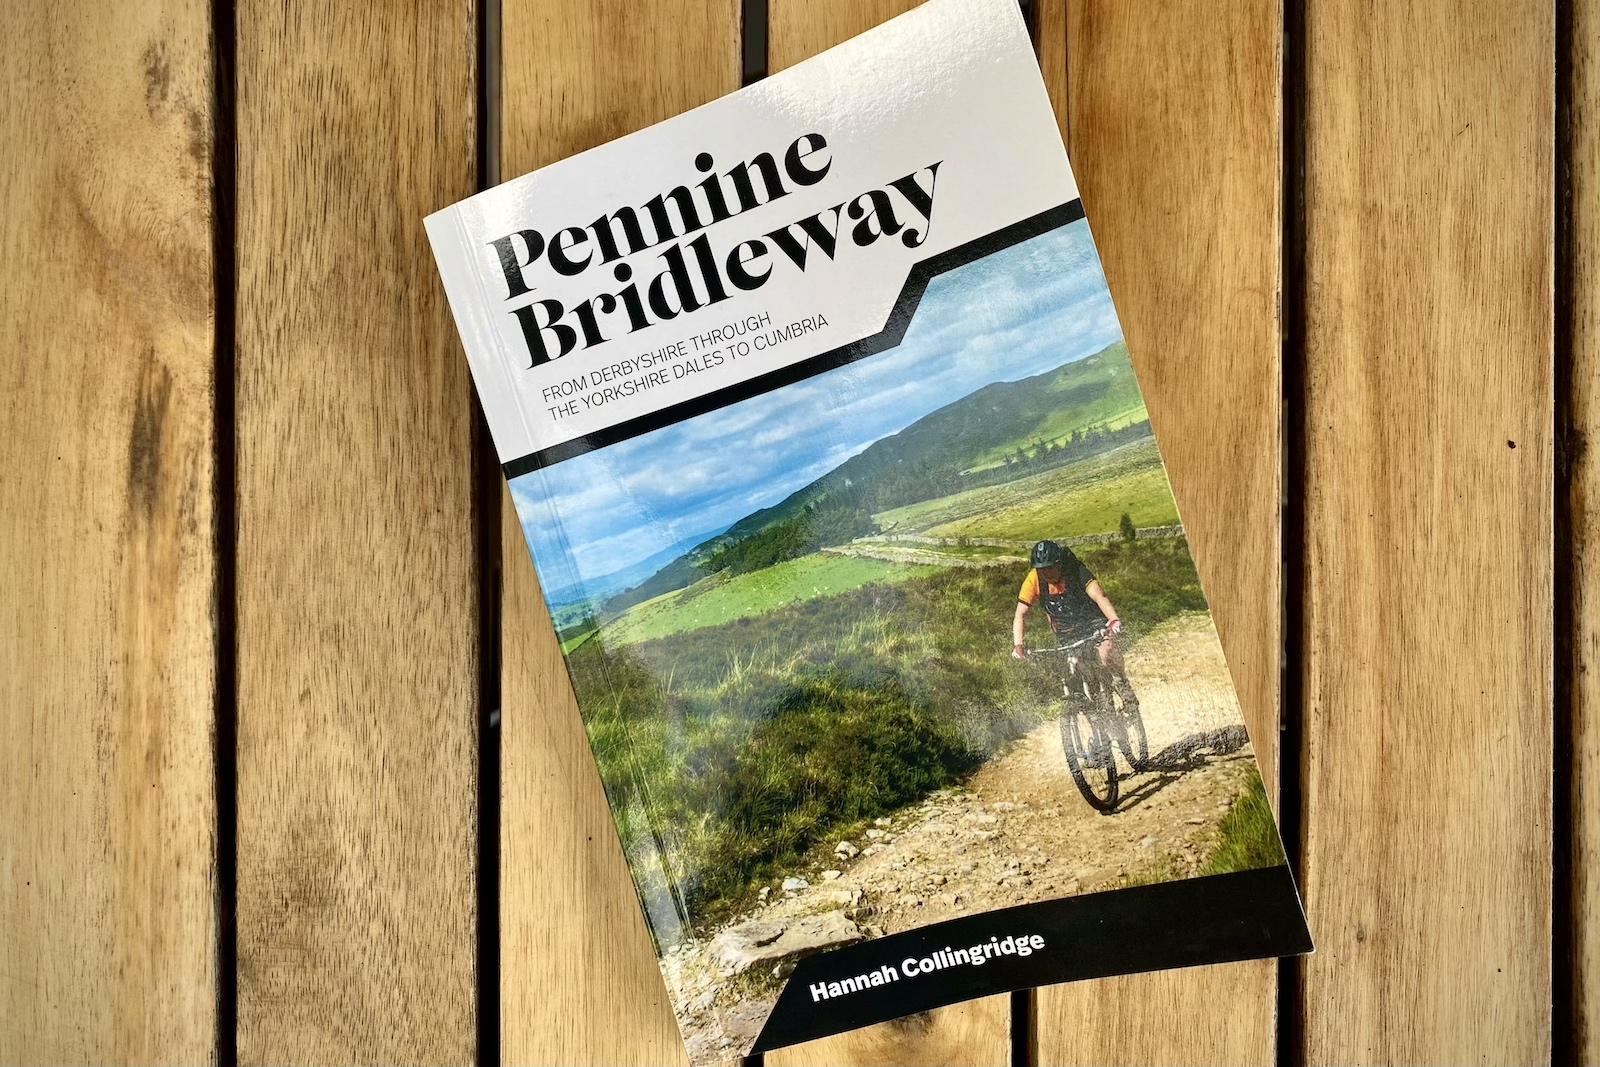 Pennine Bridleway Hannah Coleridge